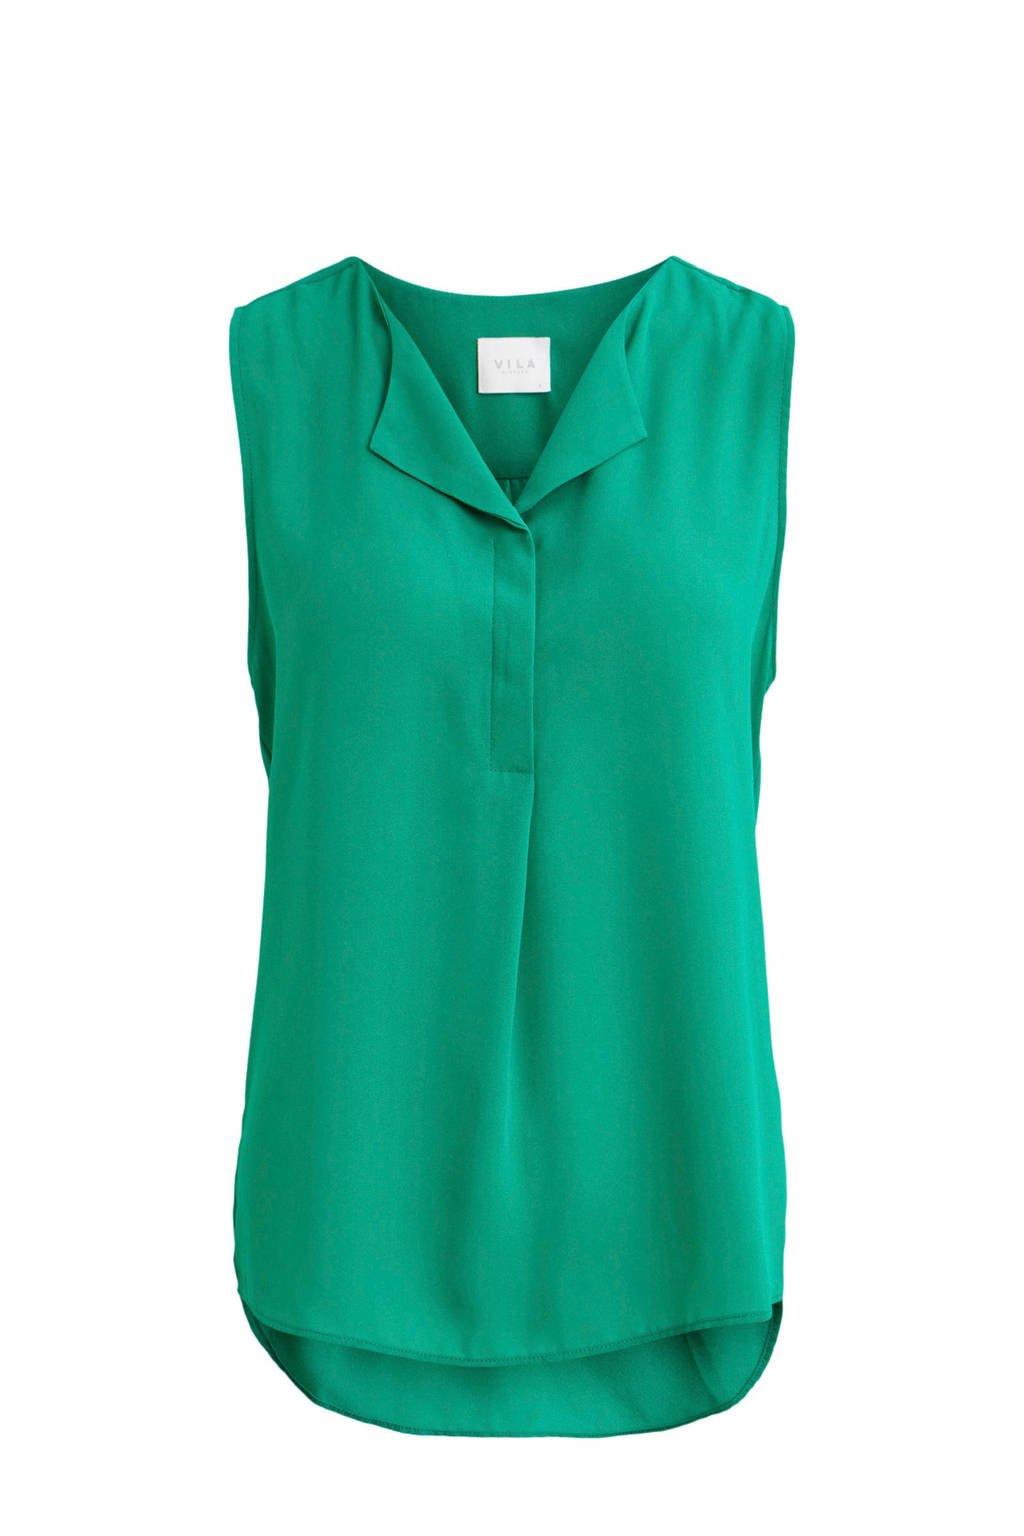 VILA top groen, Groen